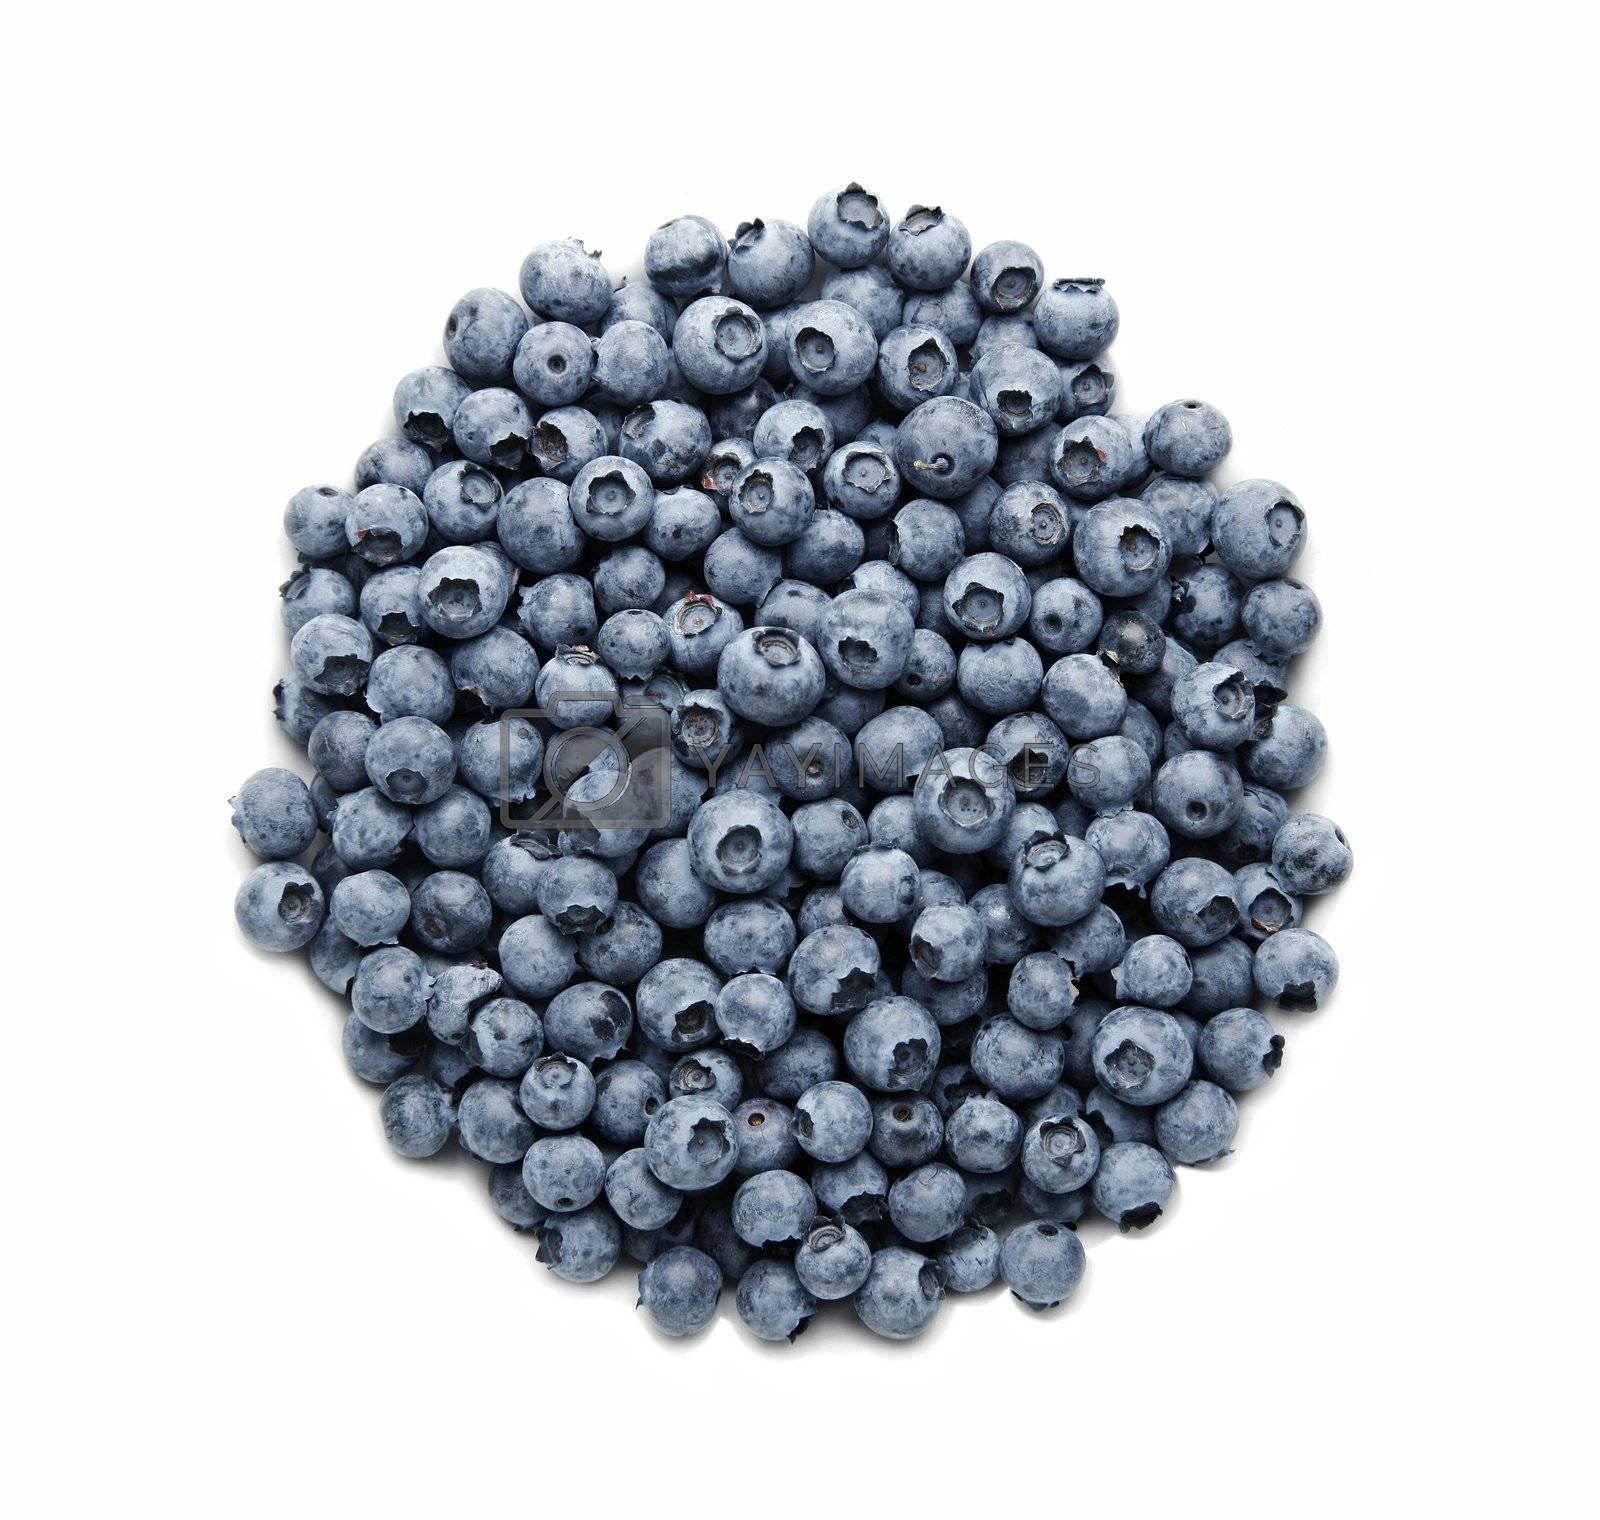 Fresh blueberries isolated on white by klikk